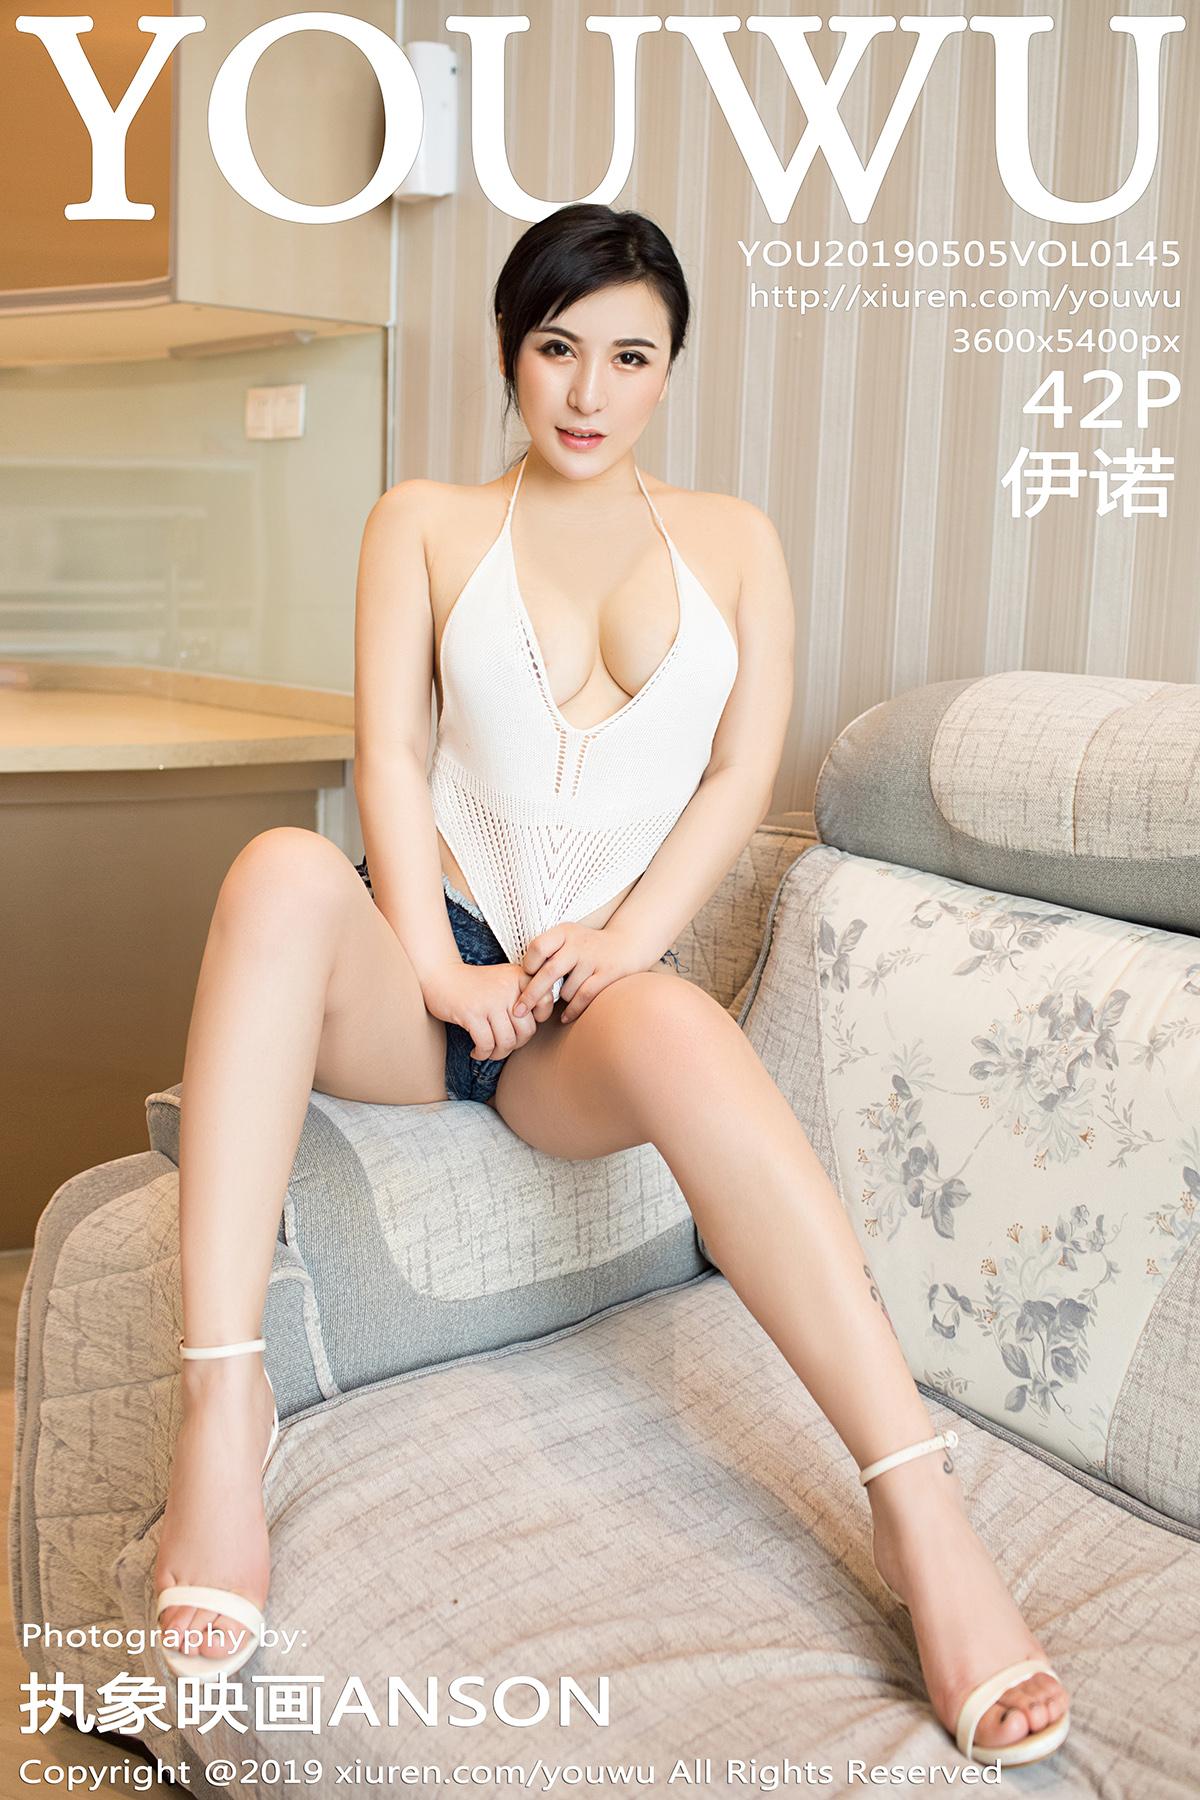 尤物馆 [YouWu] 2019.05.05 VOL.145 伊诺